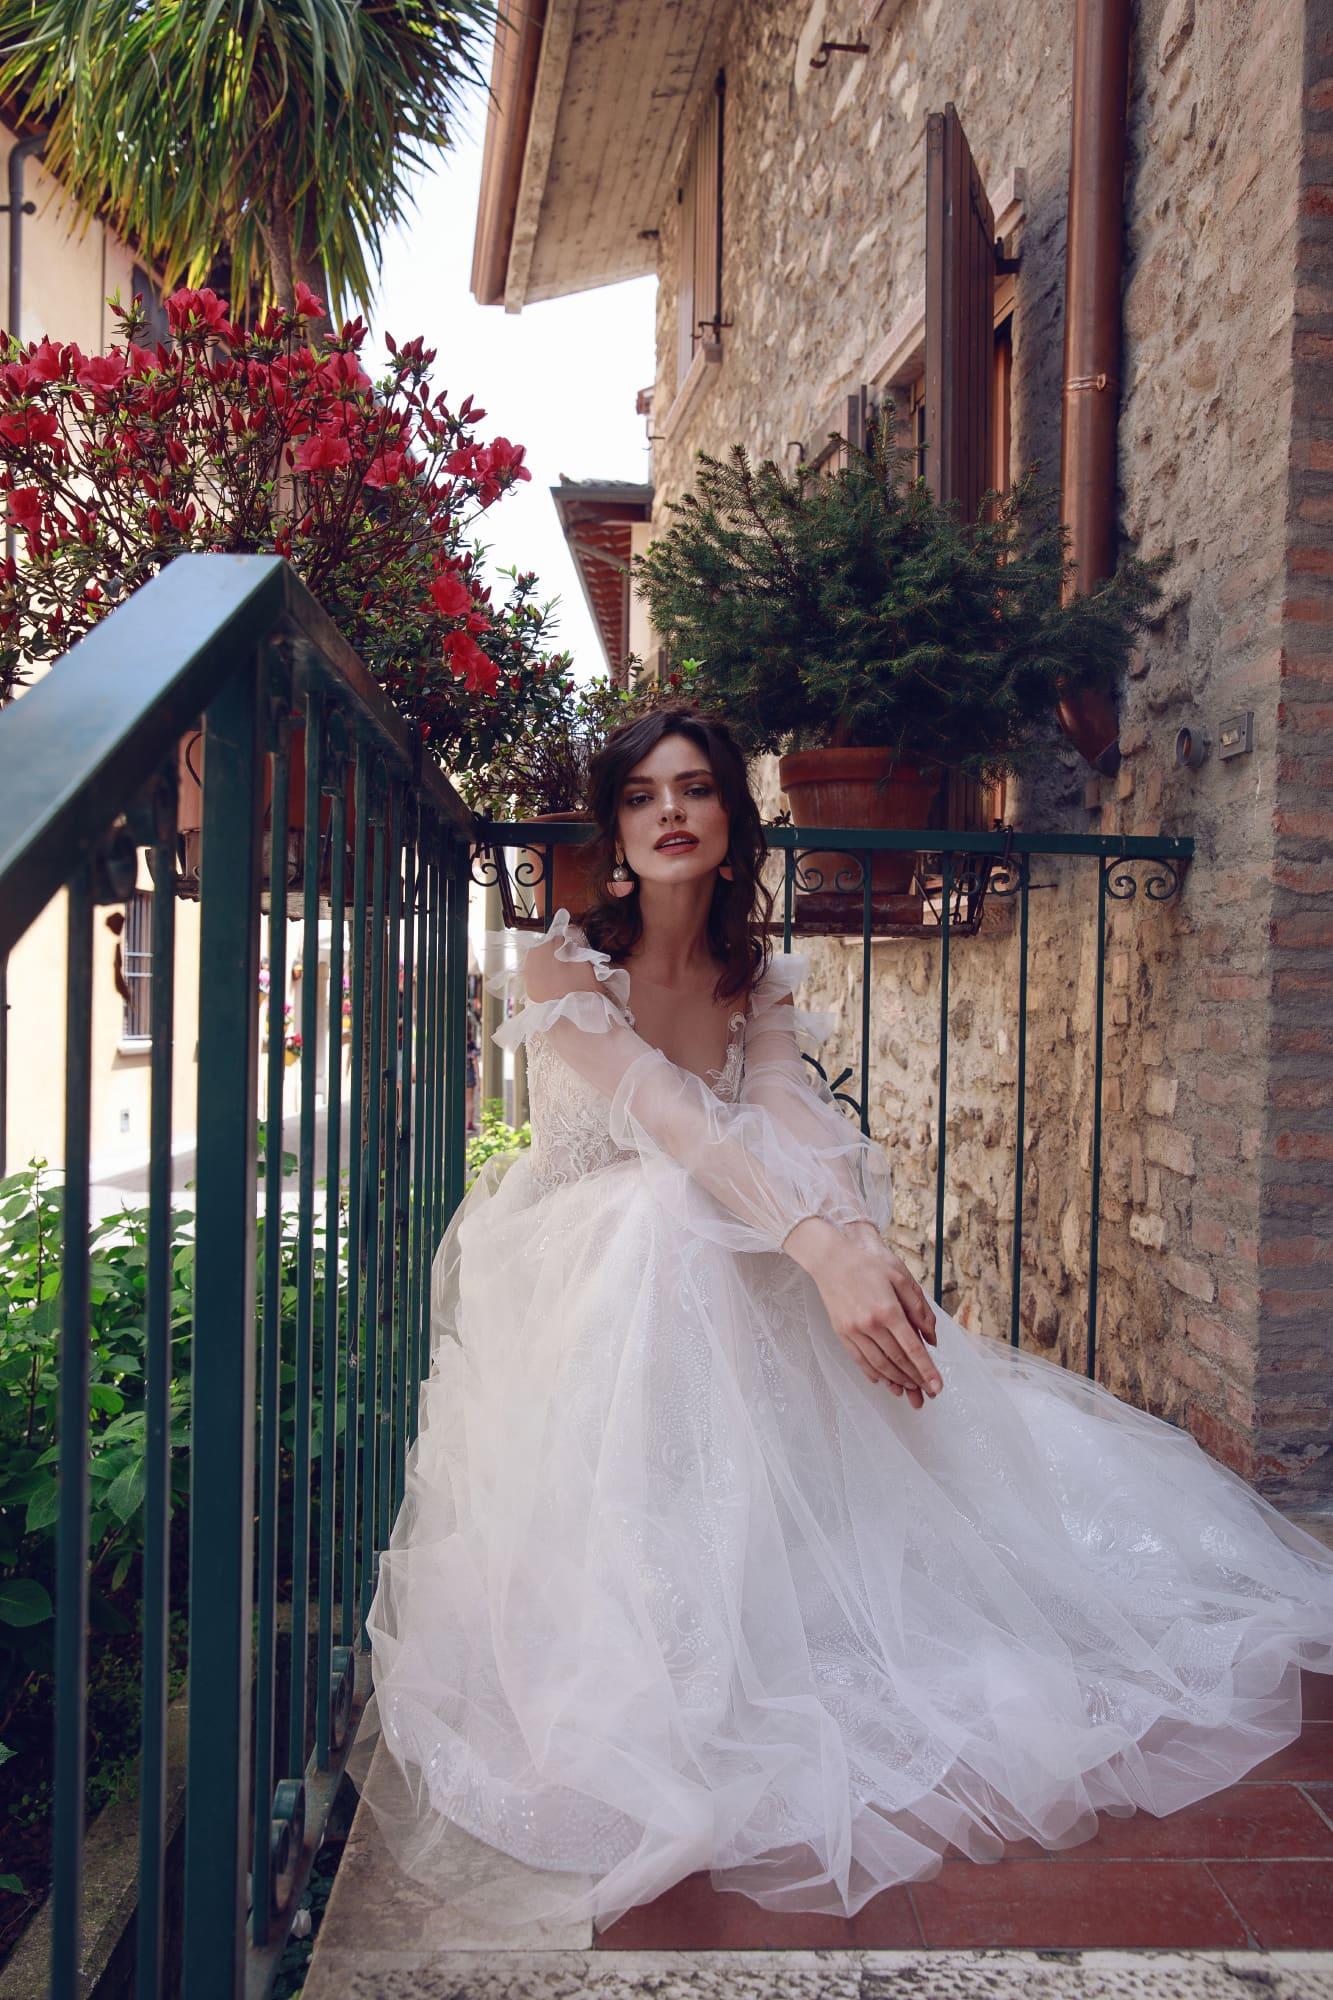 Пышное свадебное платье с длинным объемным рукавом.